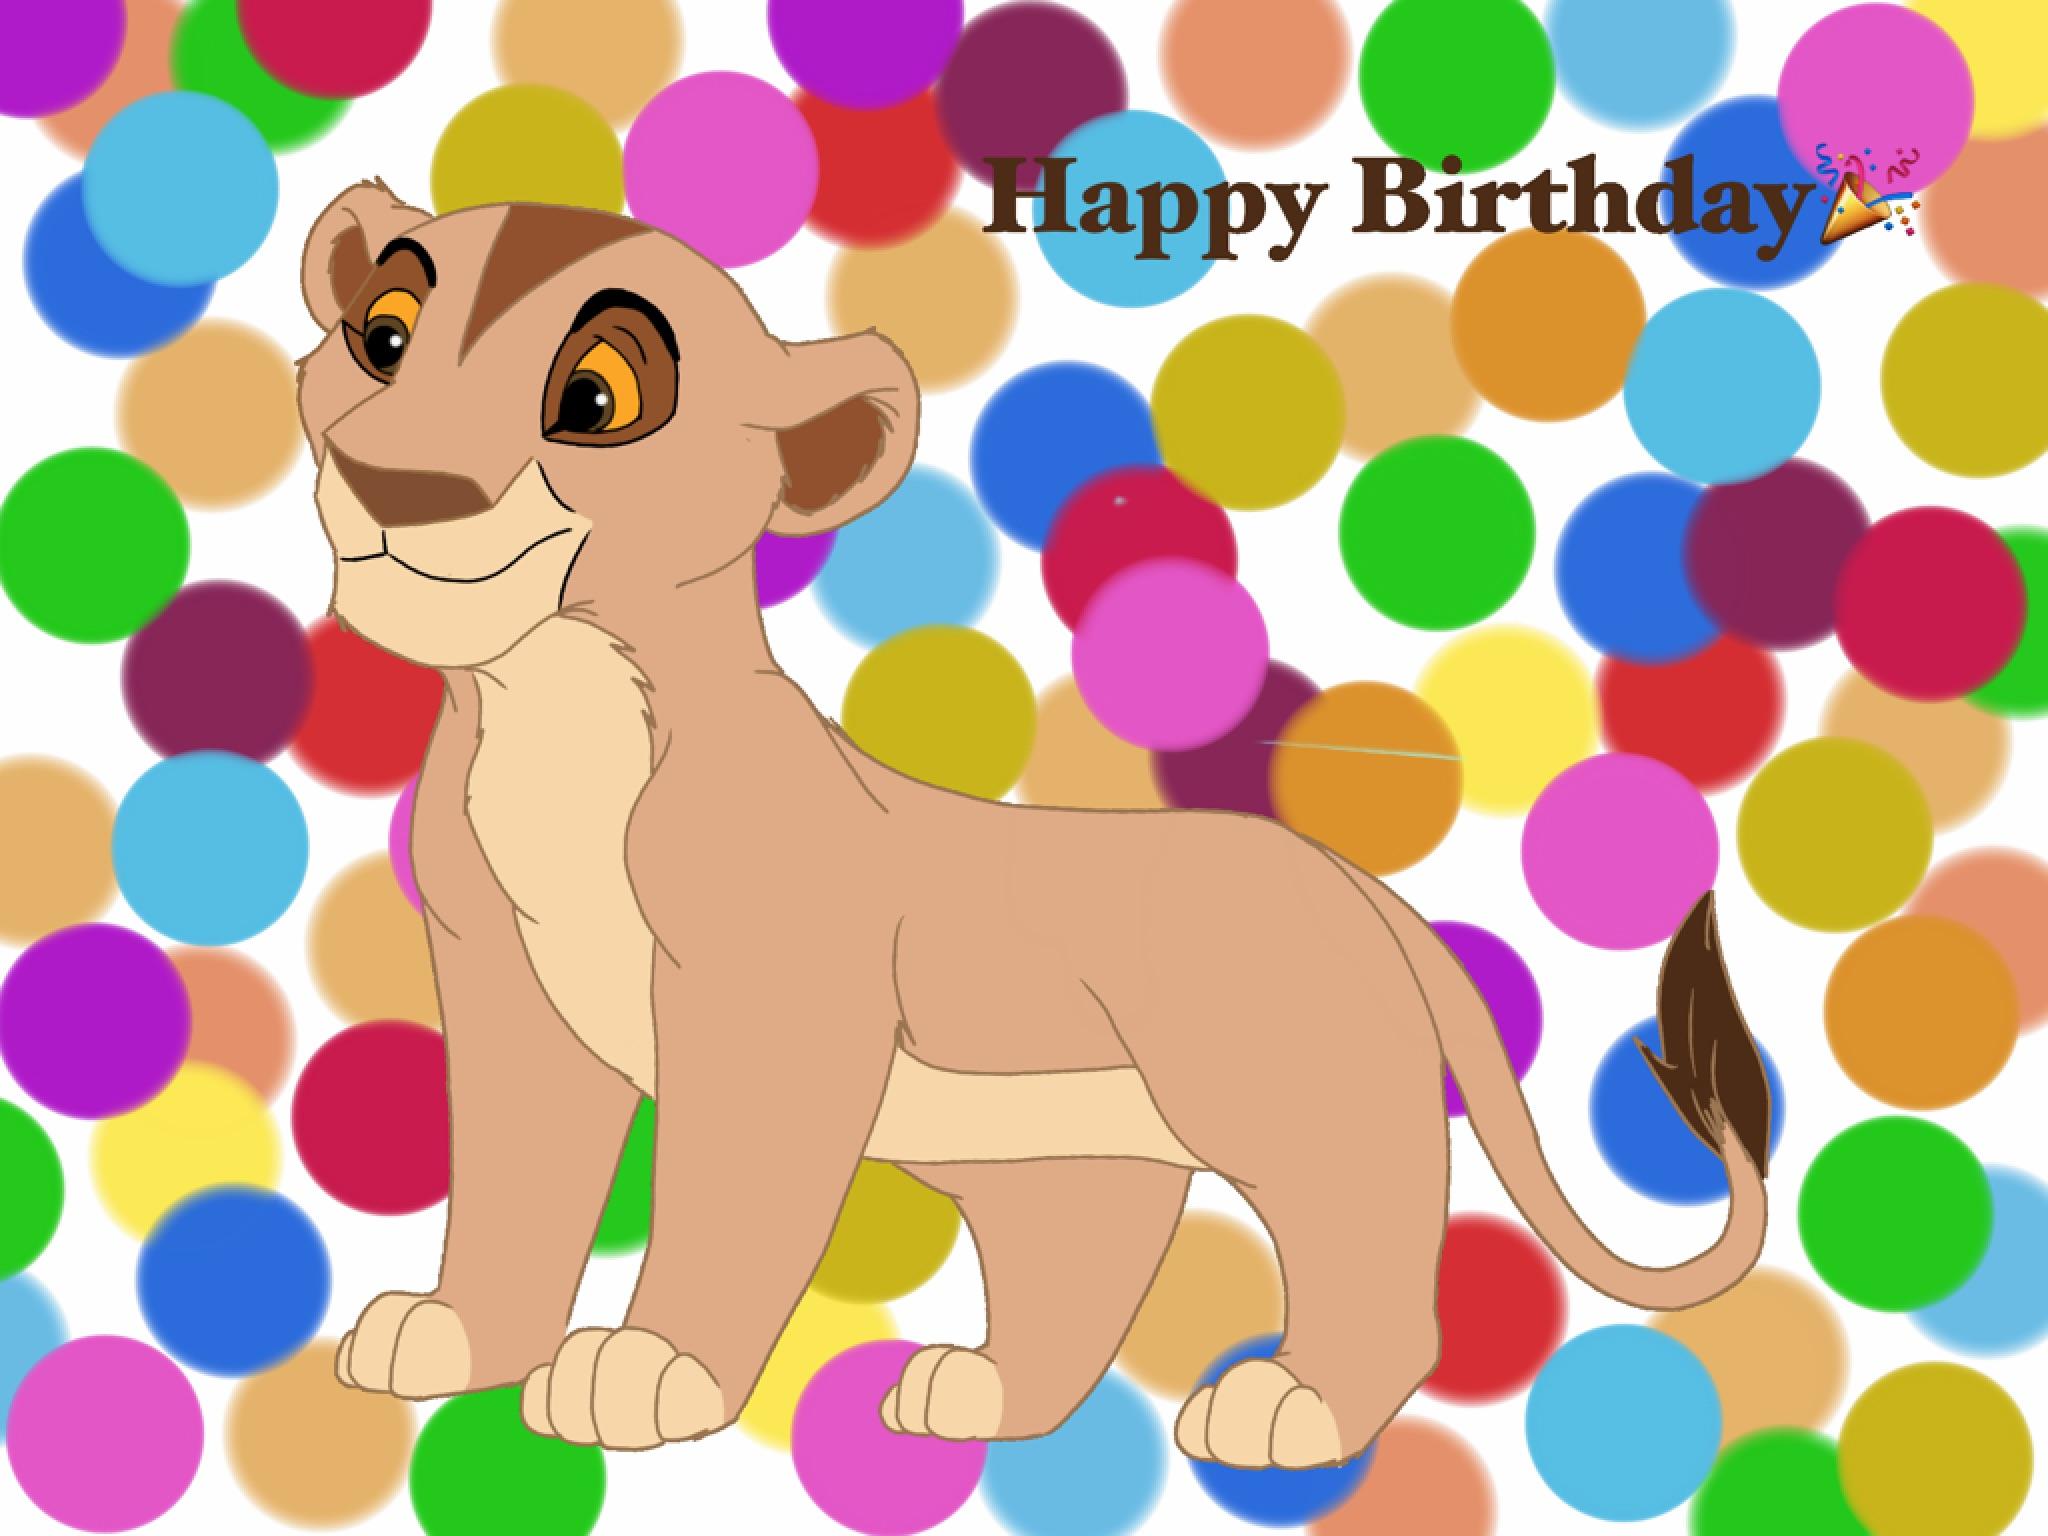 Galería de Aisha - Página 4 Happy_birthday_by_tlk323-d8r225e